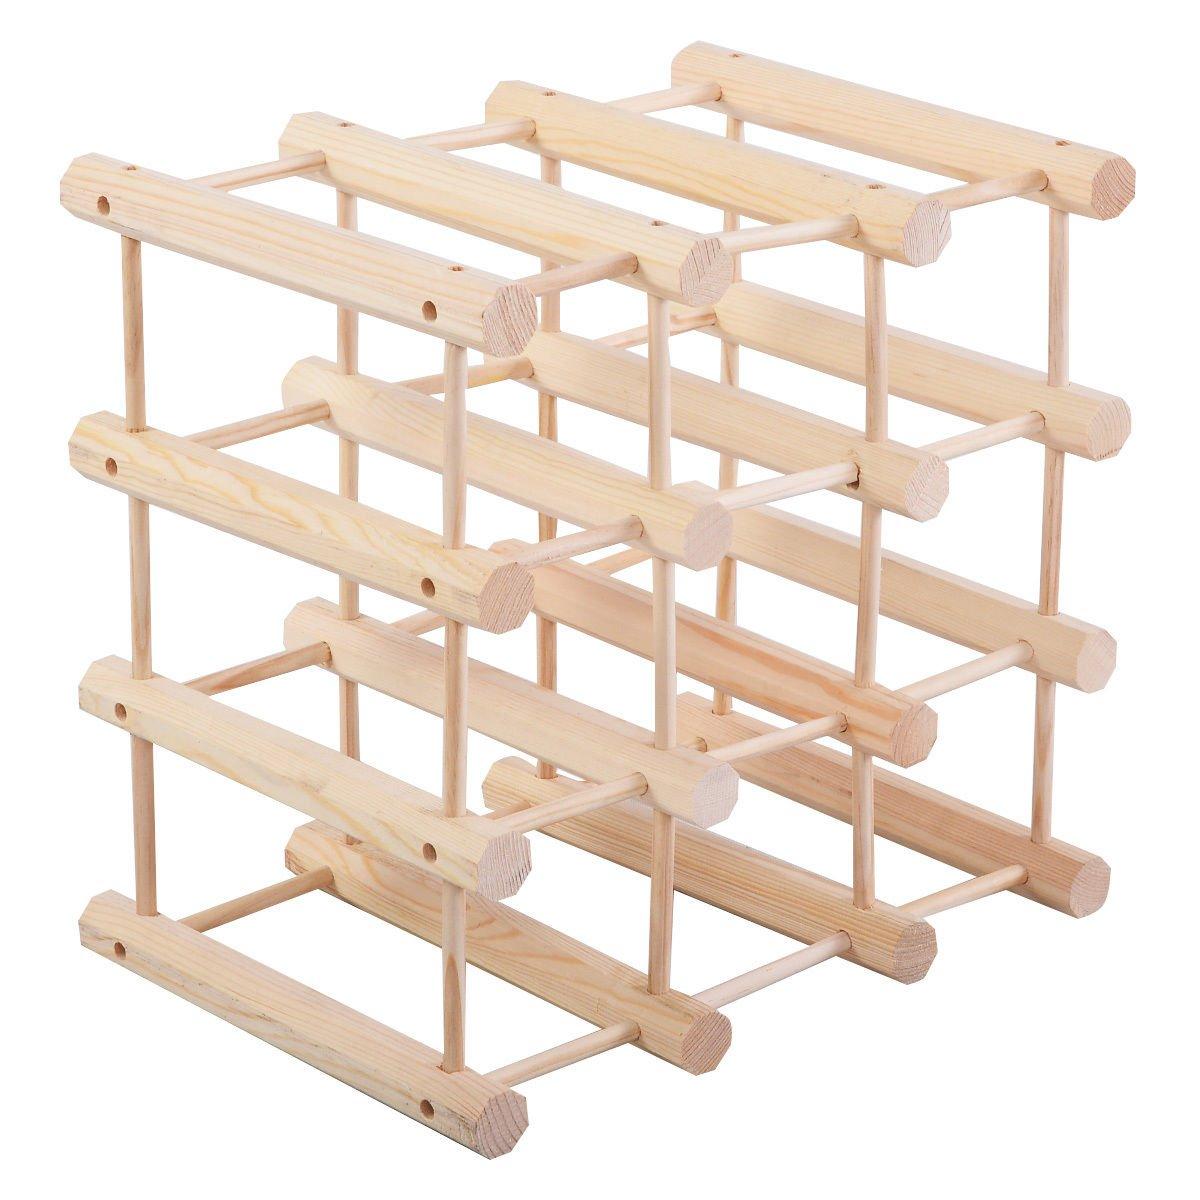 Wood Display Rack: Amazon.com